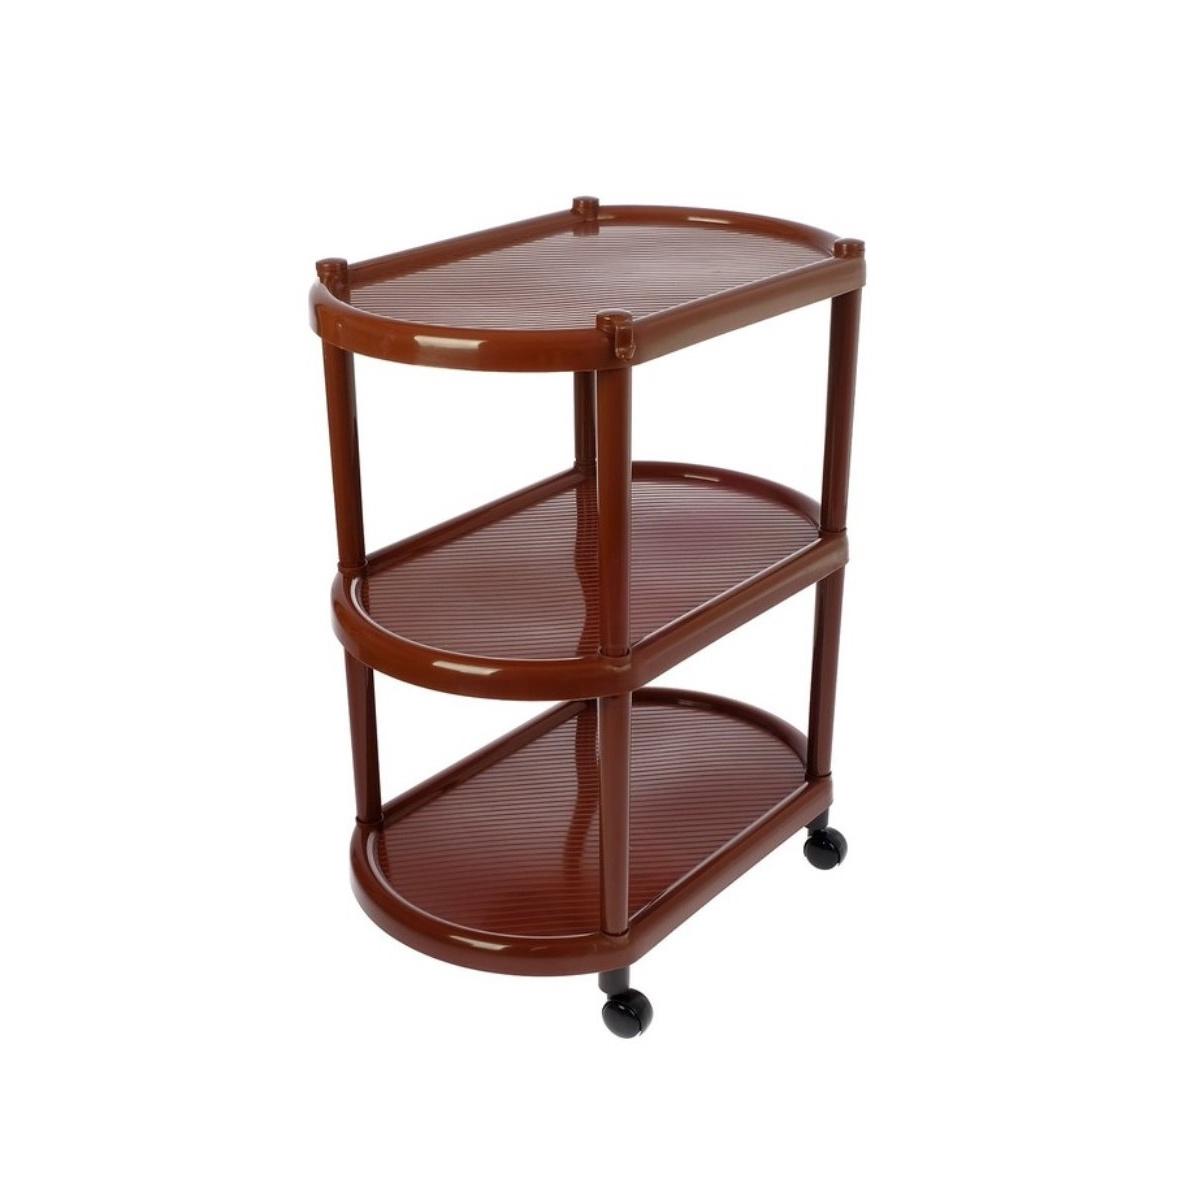 Купить этажерка Полимербыт 63210510 50х30х58 см, коричневый, цены в Москве на goods.ru